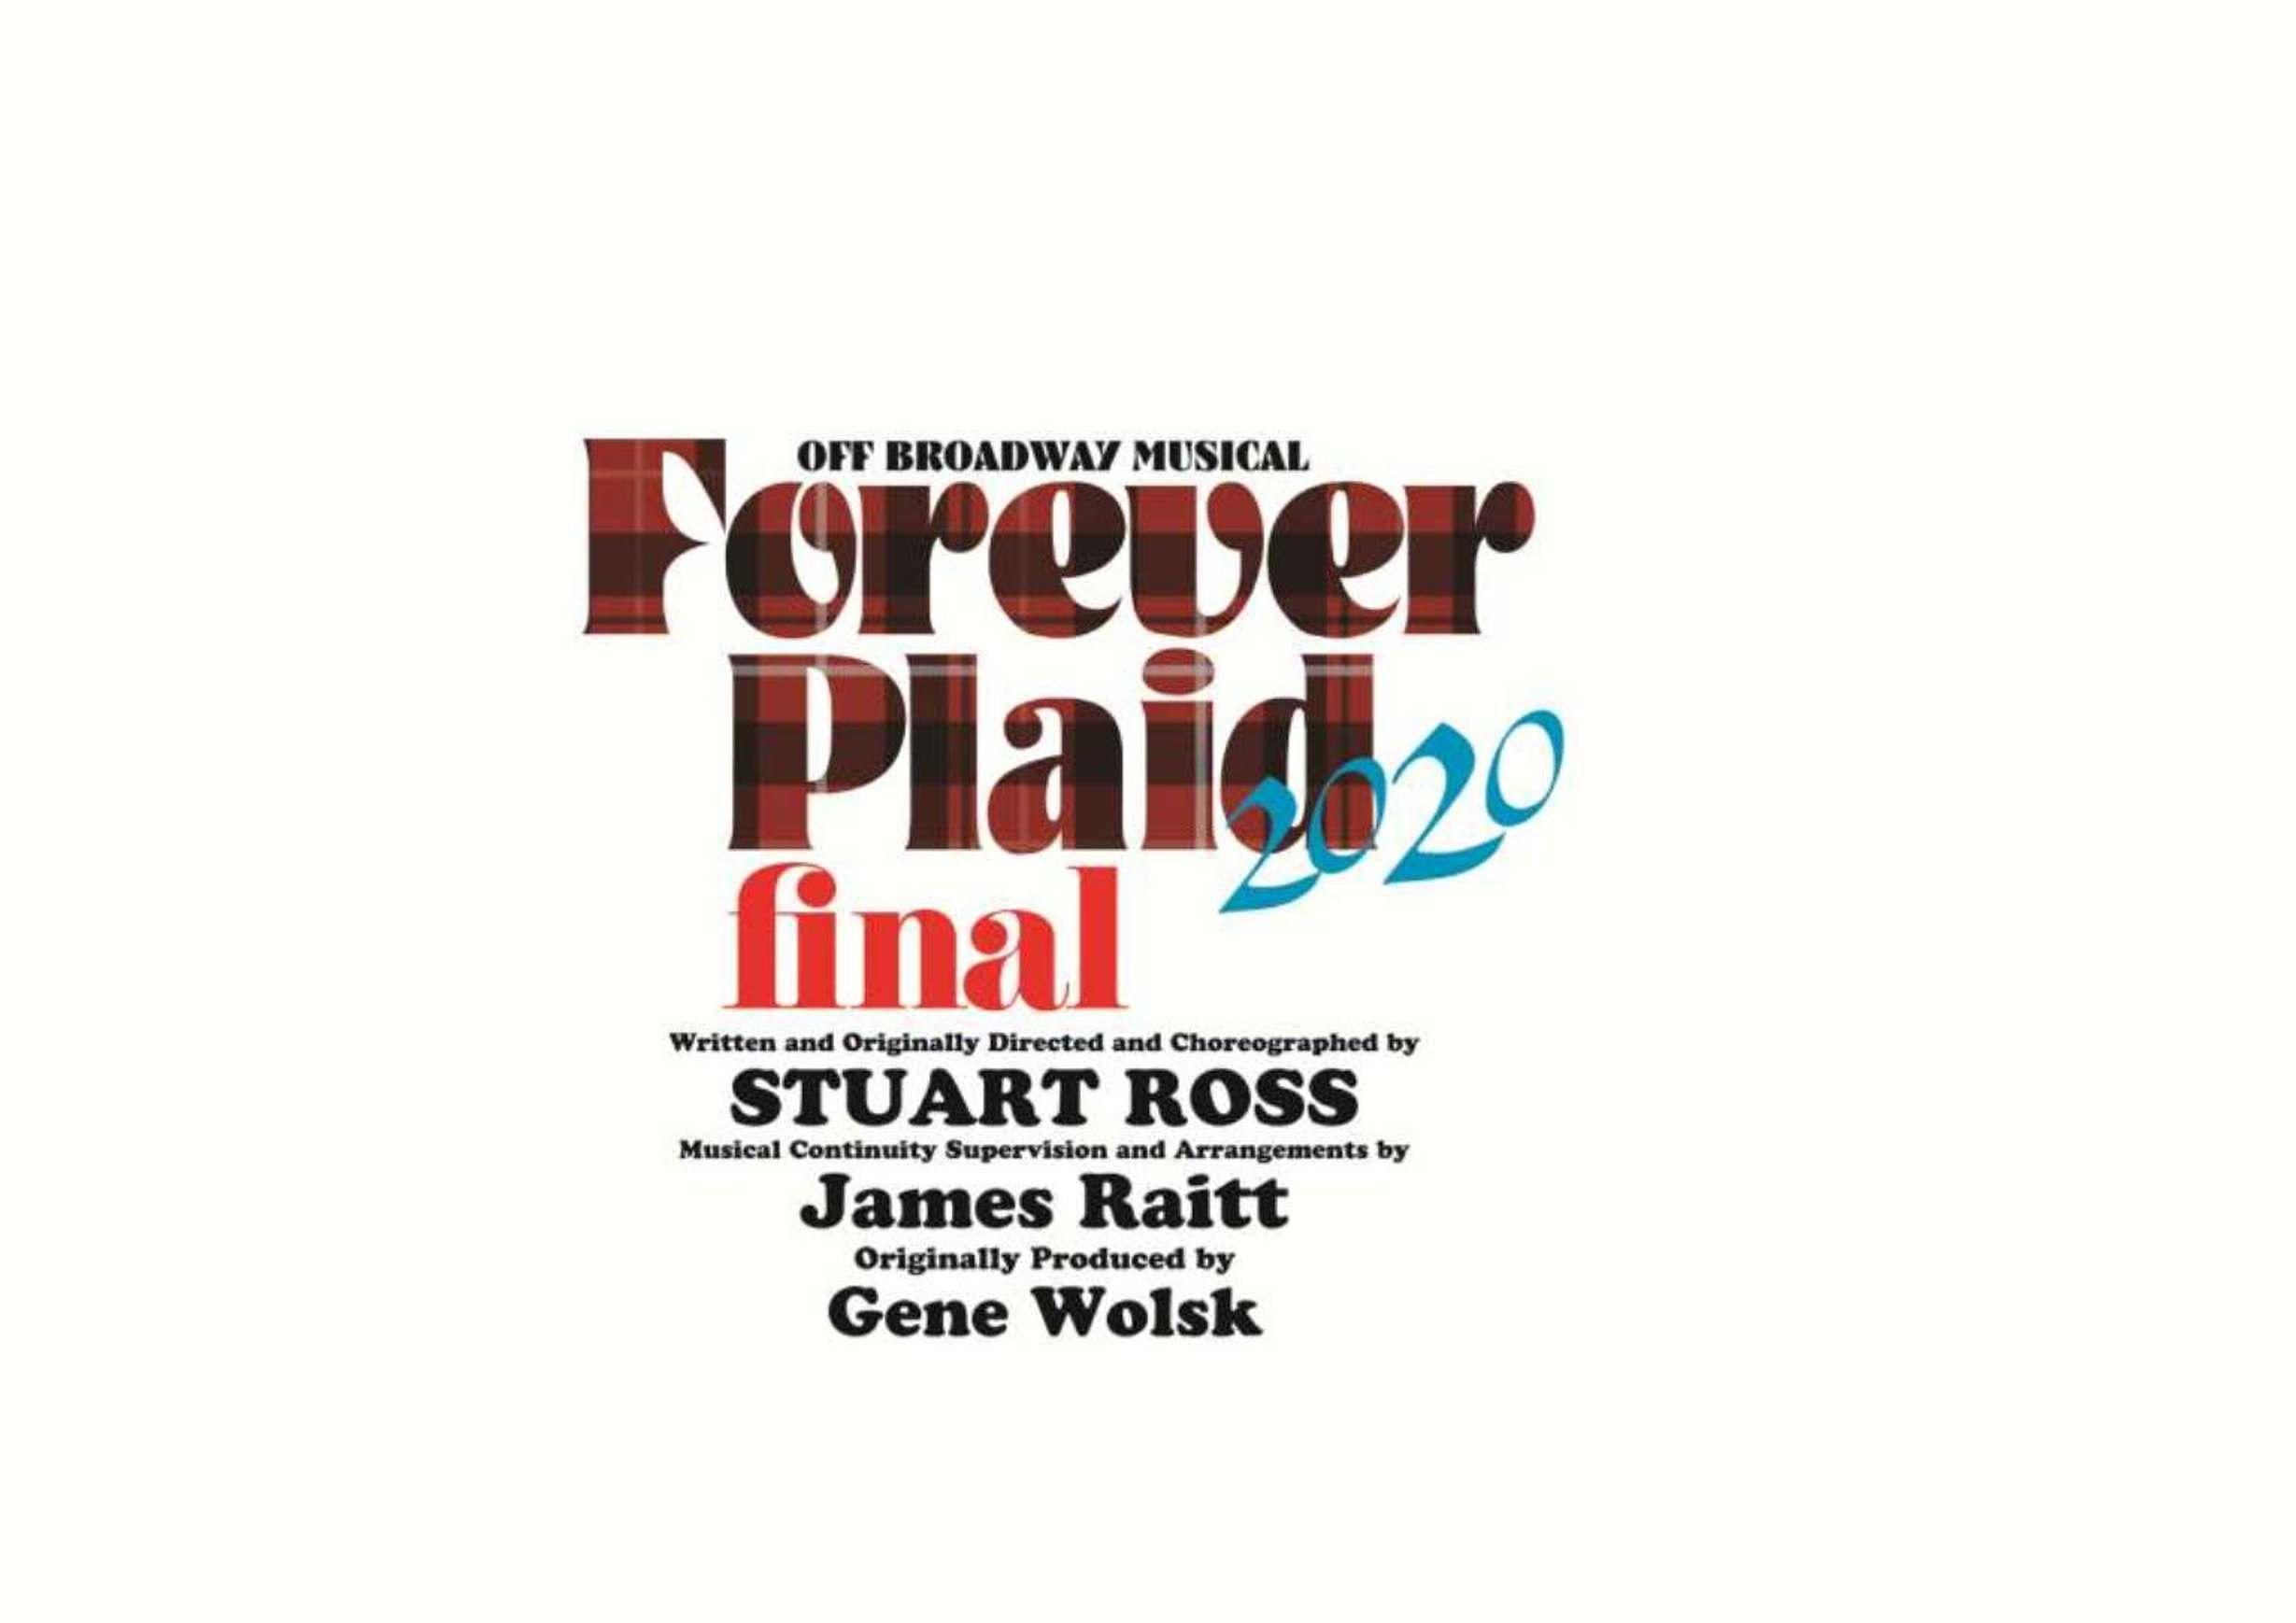 【公演延期→公演中止】オフ・ブロードウェイ・ミュージカル「Forever Plaid/フォーエヴァー プラッド」